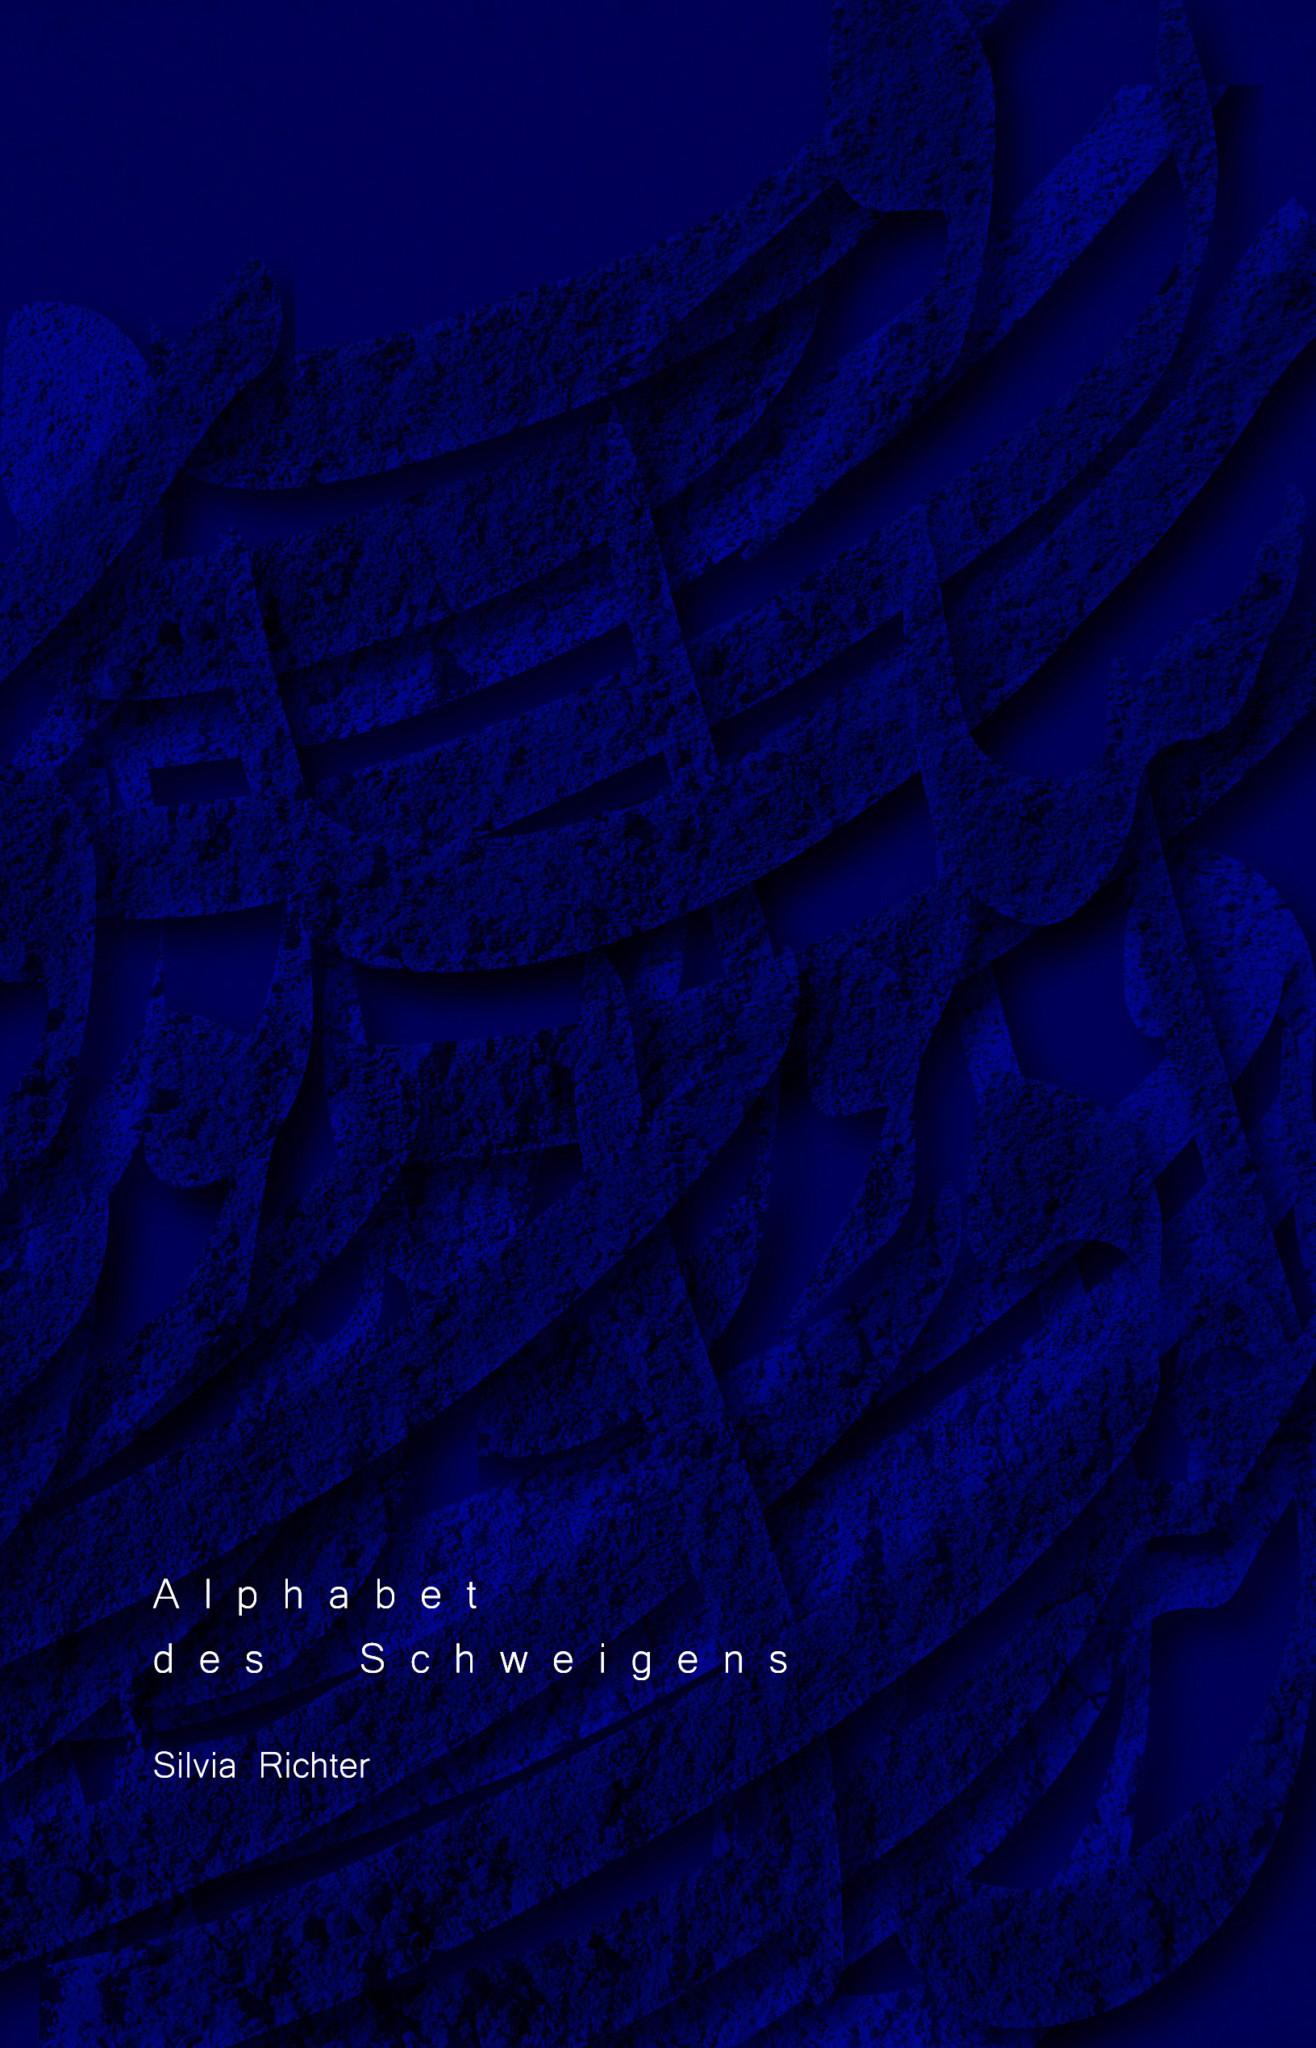 Alphabet des Schweigens by